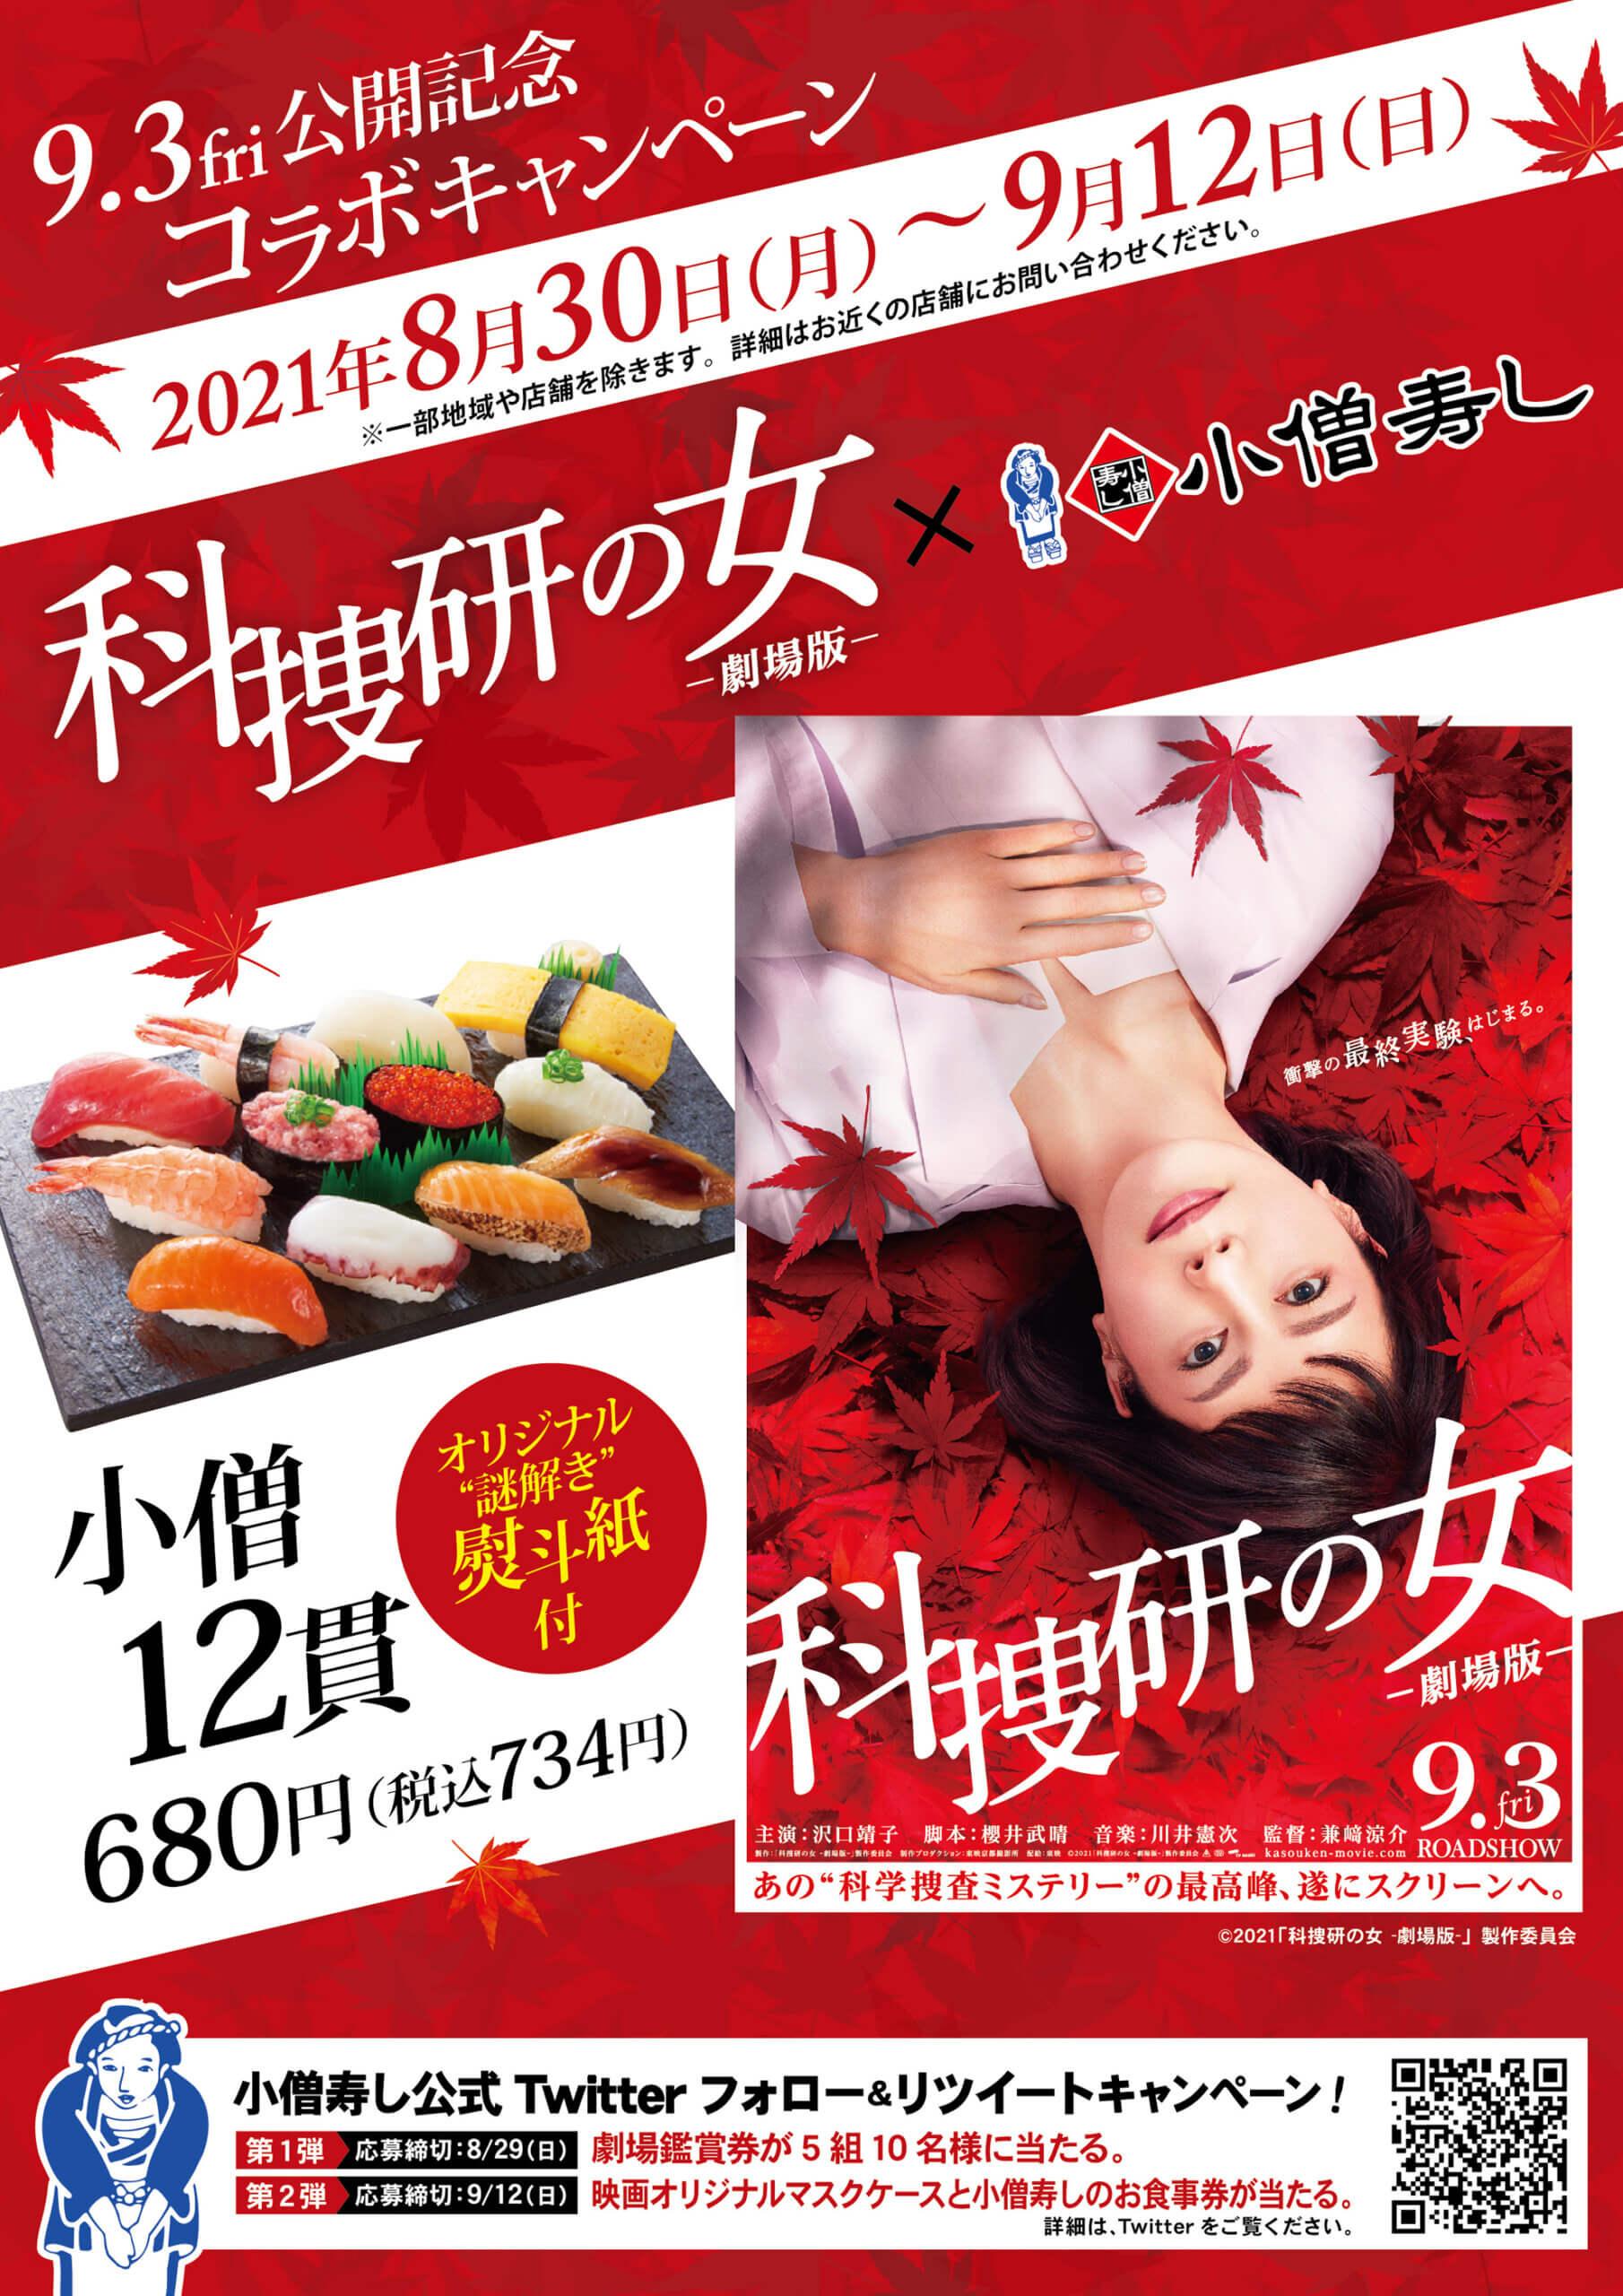 【小僧寿し×映画『科捜研の女 -劇場版-』】コラボ決定!